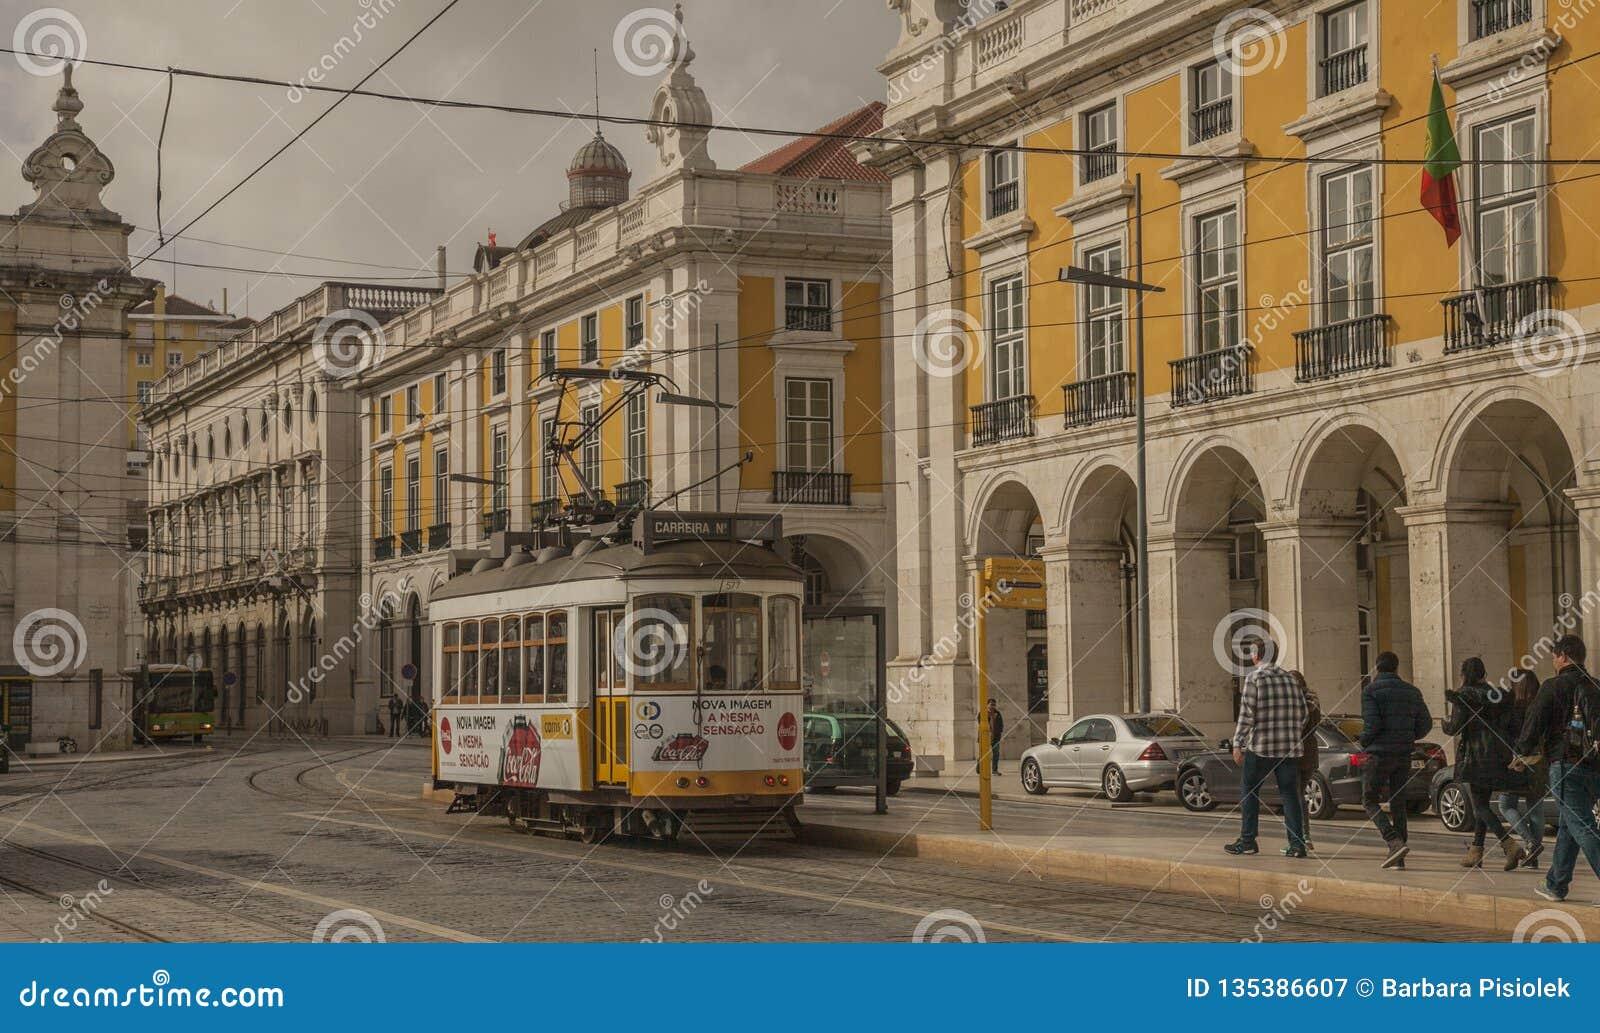 Architecture à Lisbonne, Portugal - Praca font Comercio, bâtiments jaunes et trams